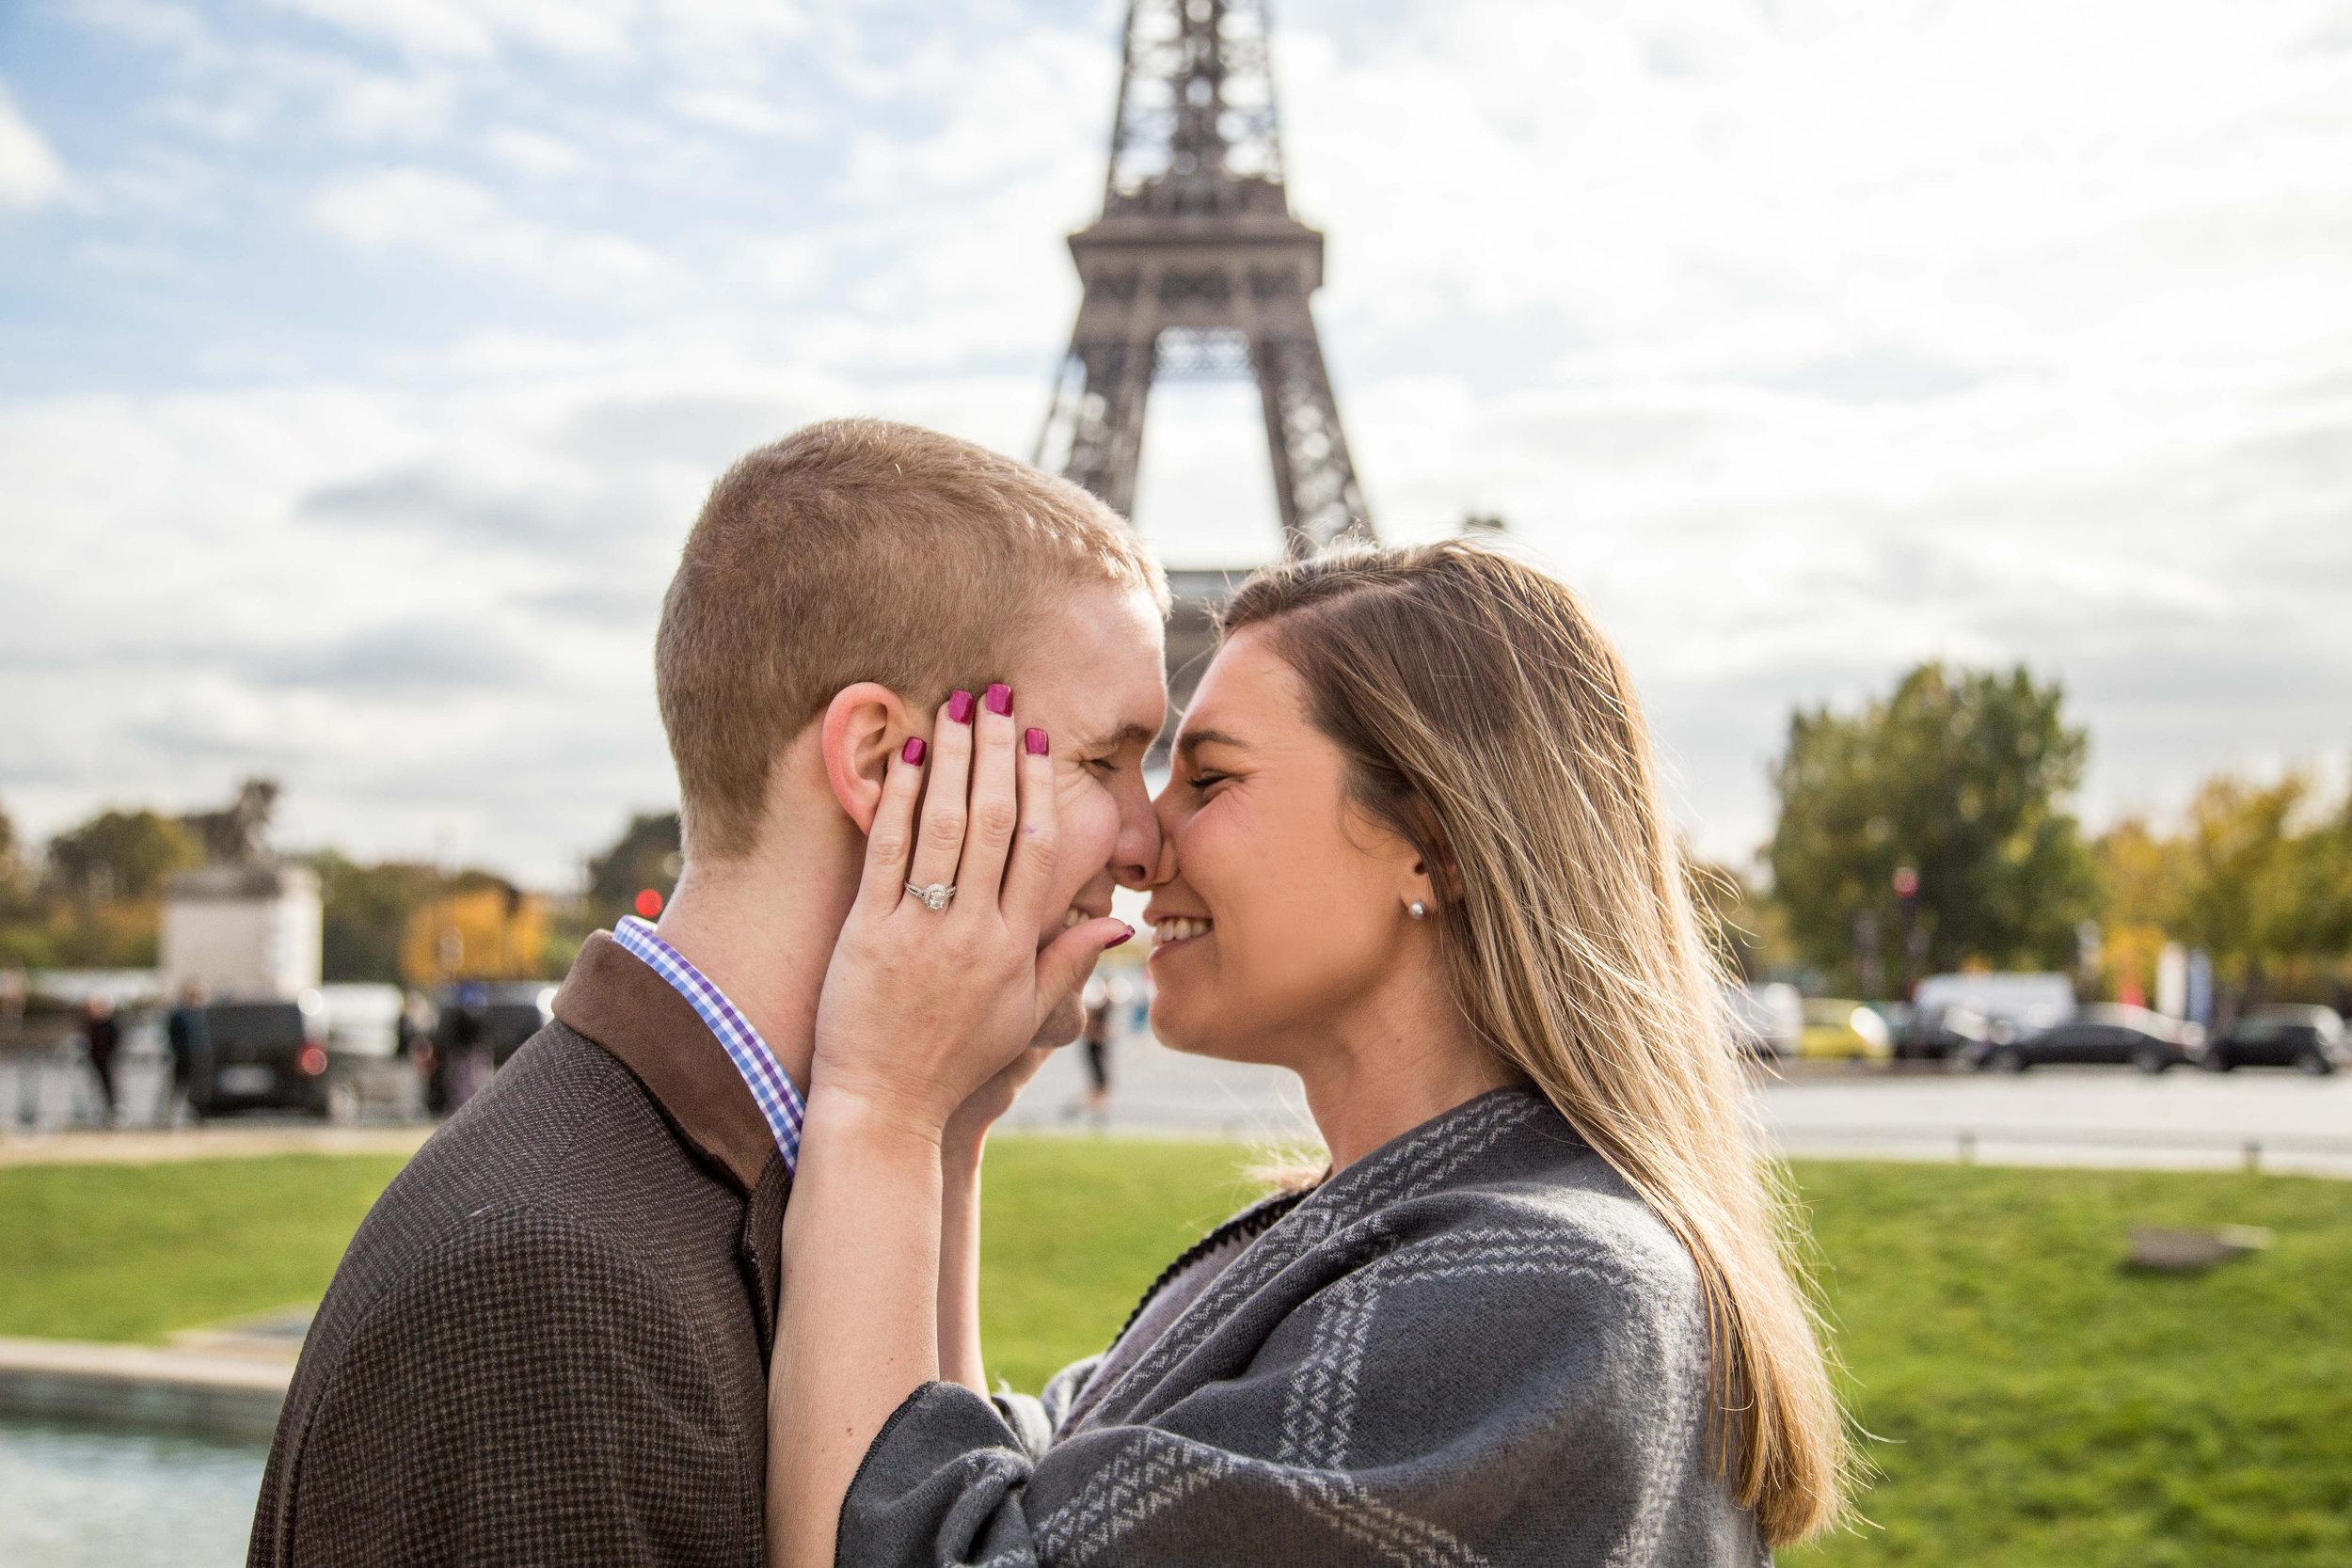 EiffelTower-AndrewAmanda-9.jpg